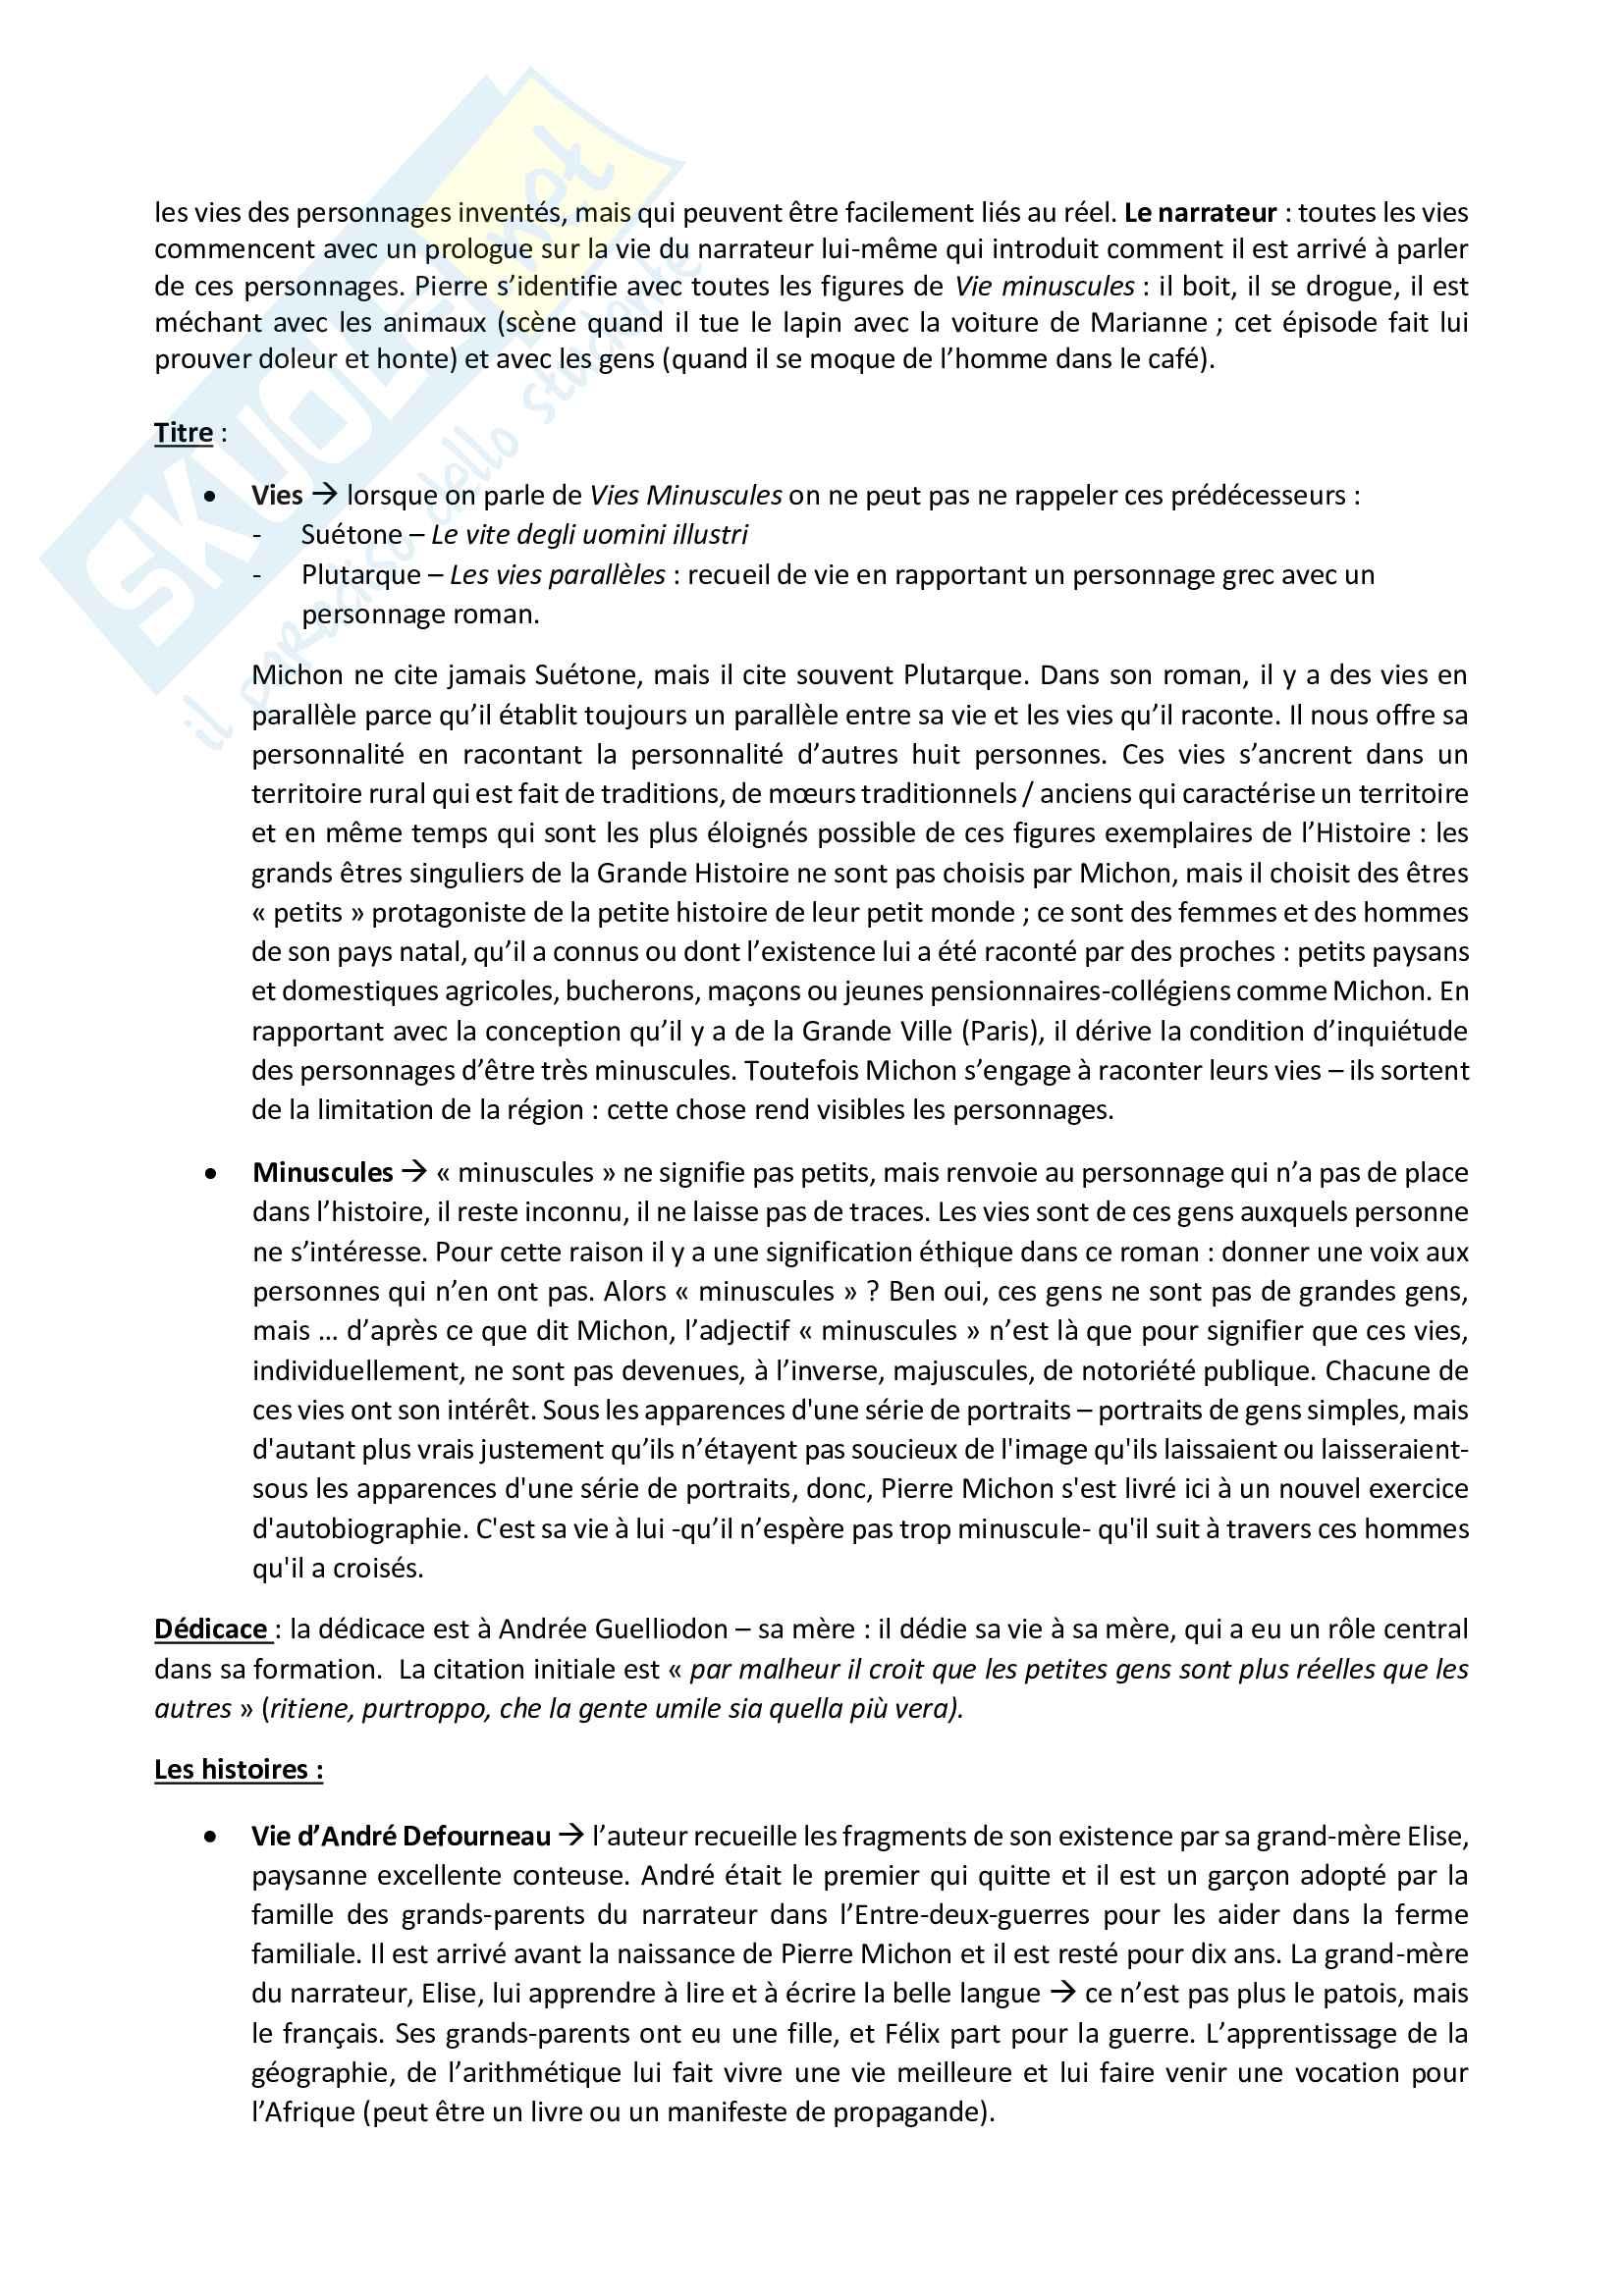 Appunti (in francese) di Pierre Michon (vita, opere, analisi completa Vite minuscole) - Letteratura francese Pag. 2